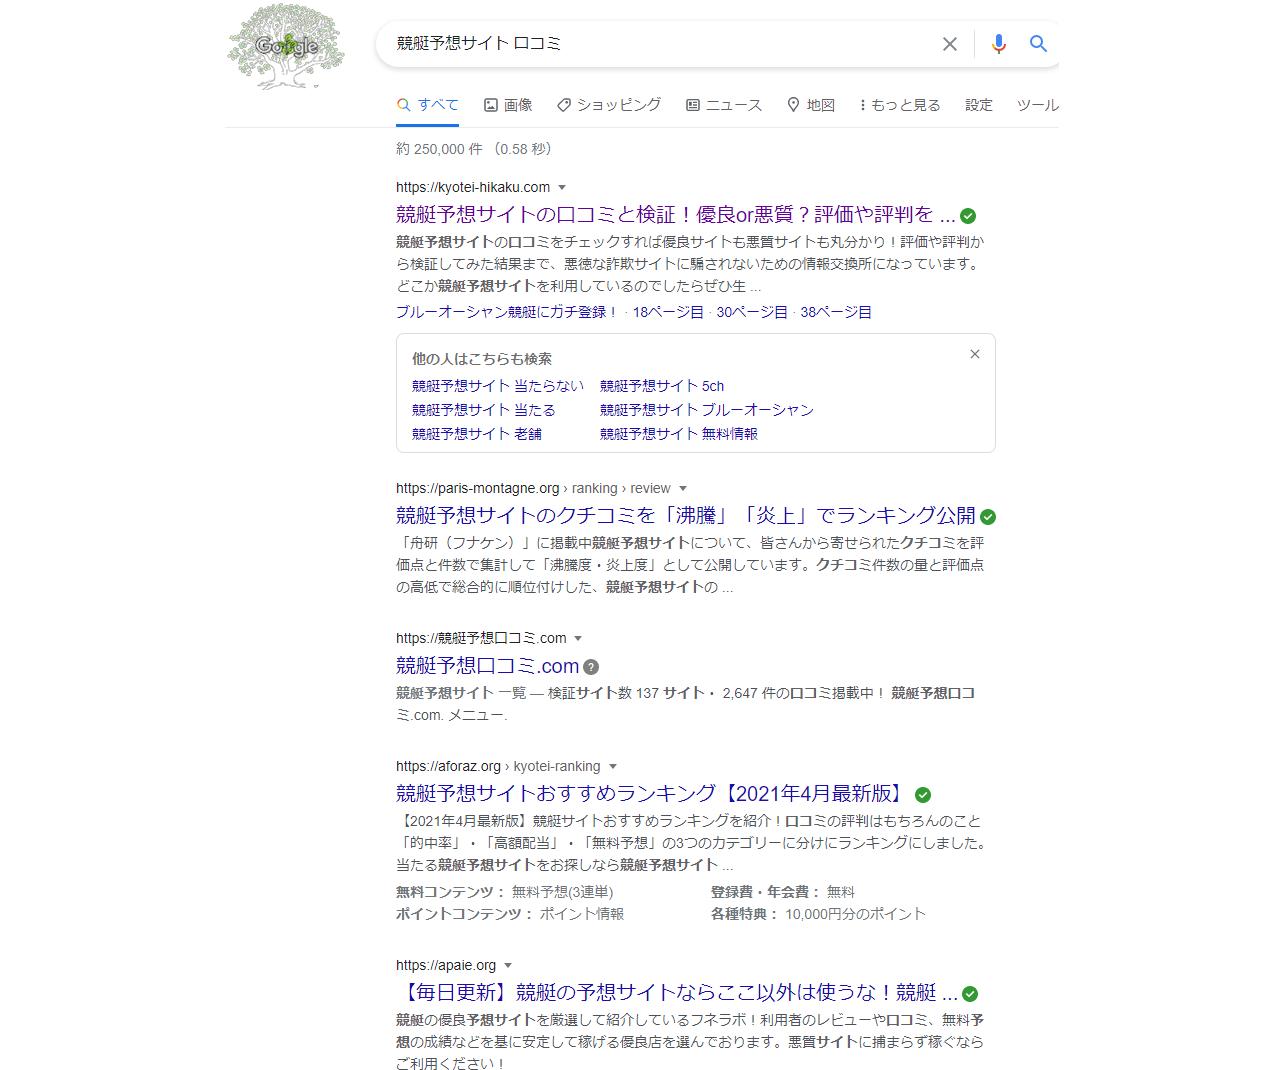 競艇予想サイトの口コミサイトの検索結果